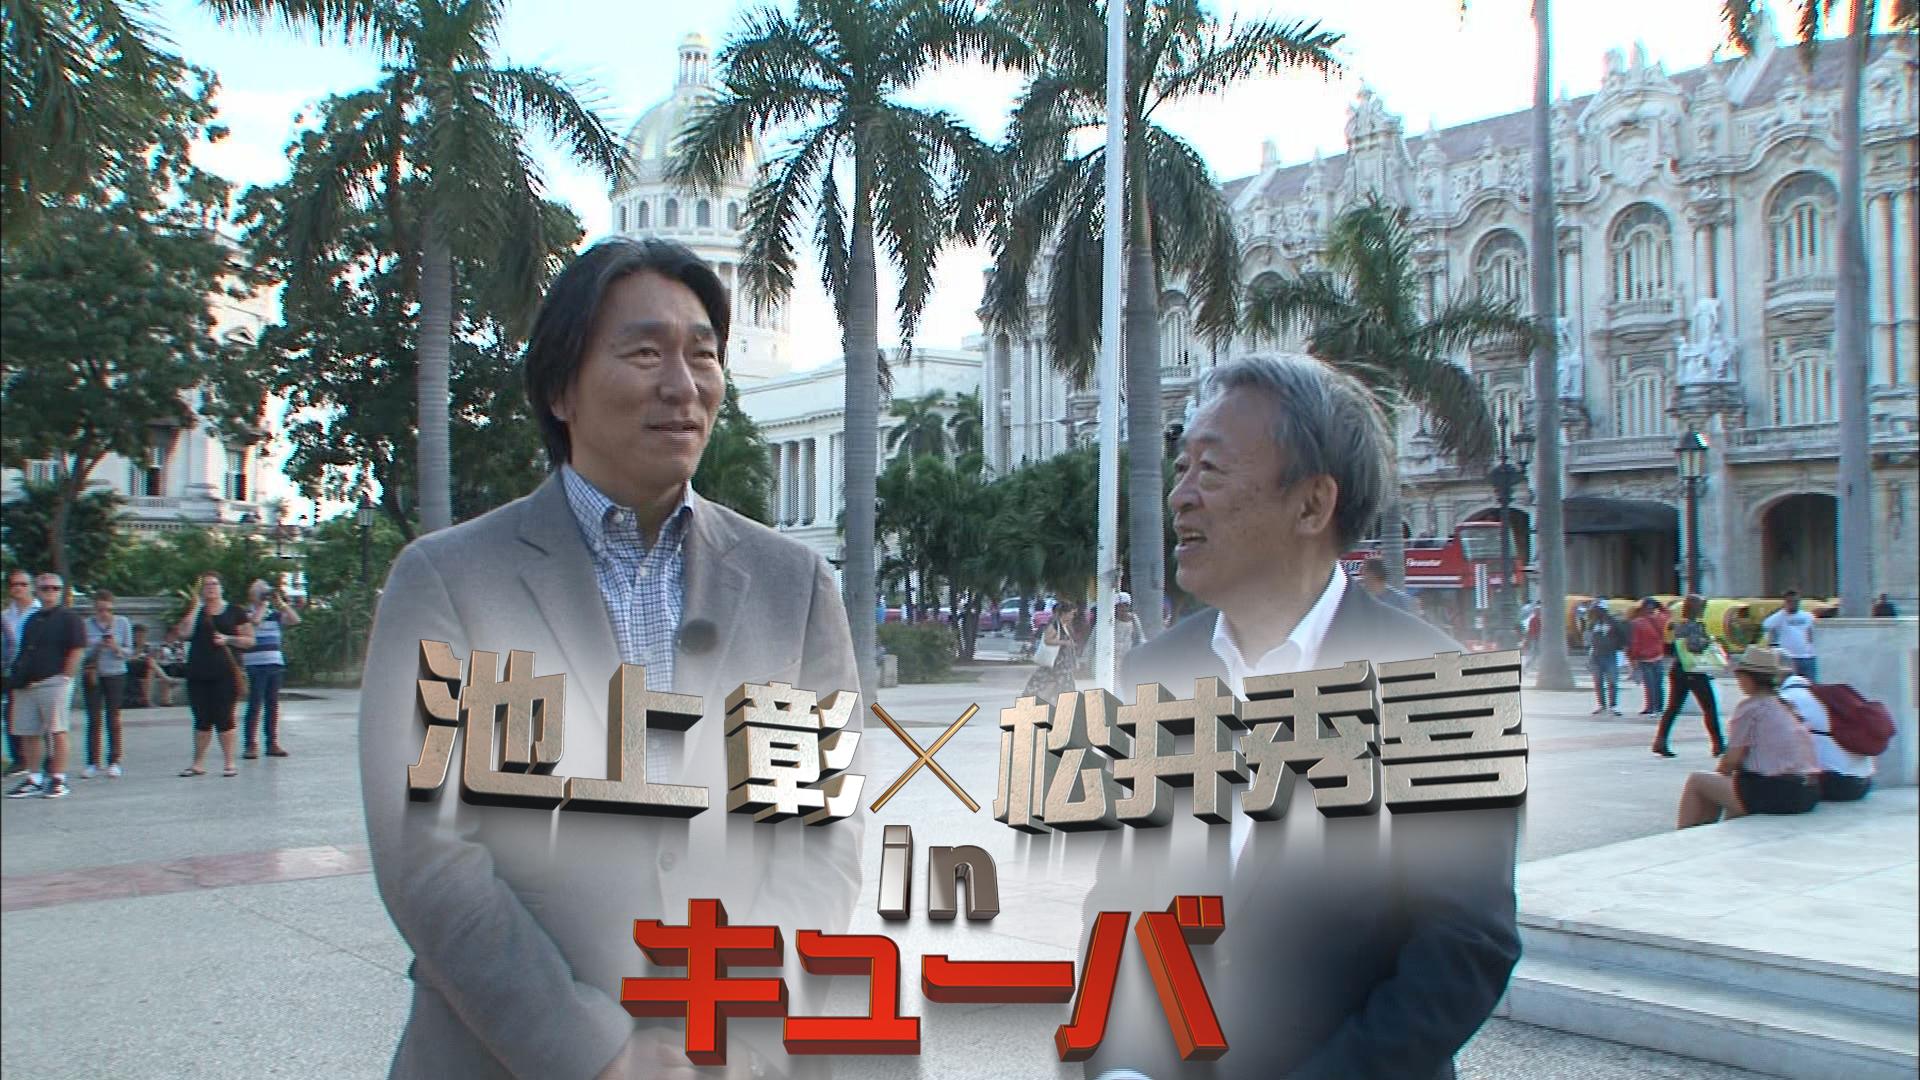 無料テレビで池上彰×松井秀喜 in キューバを視聴する